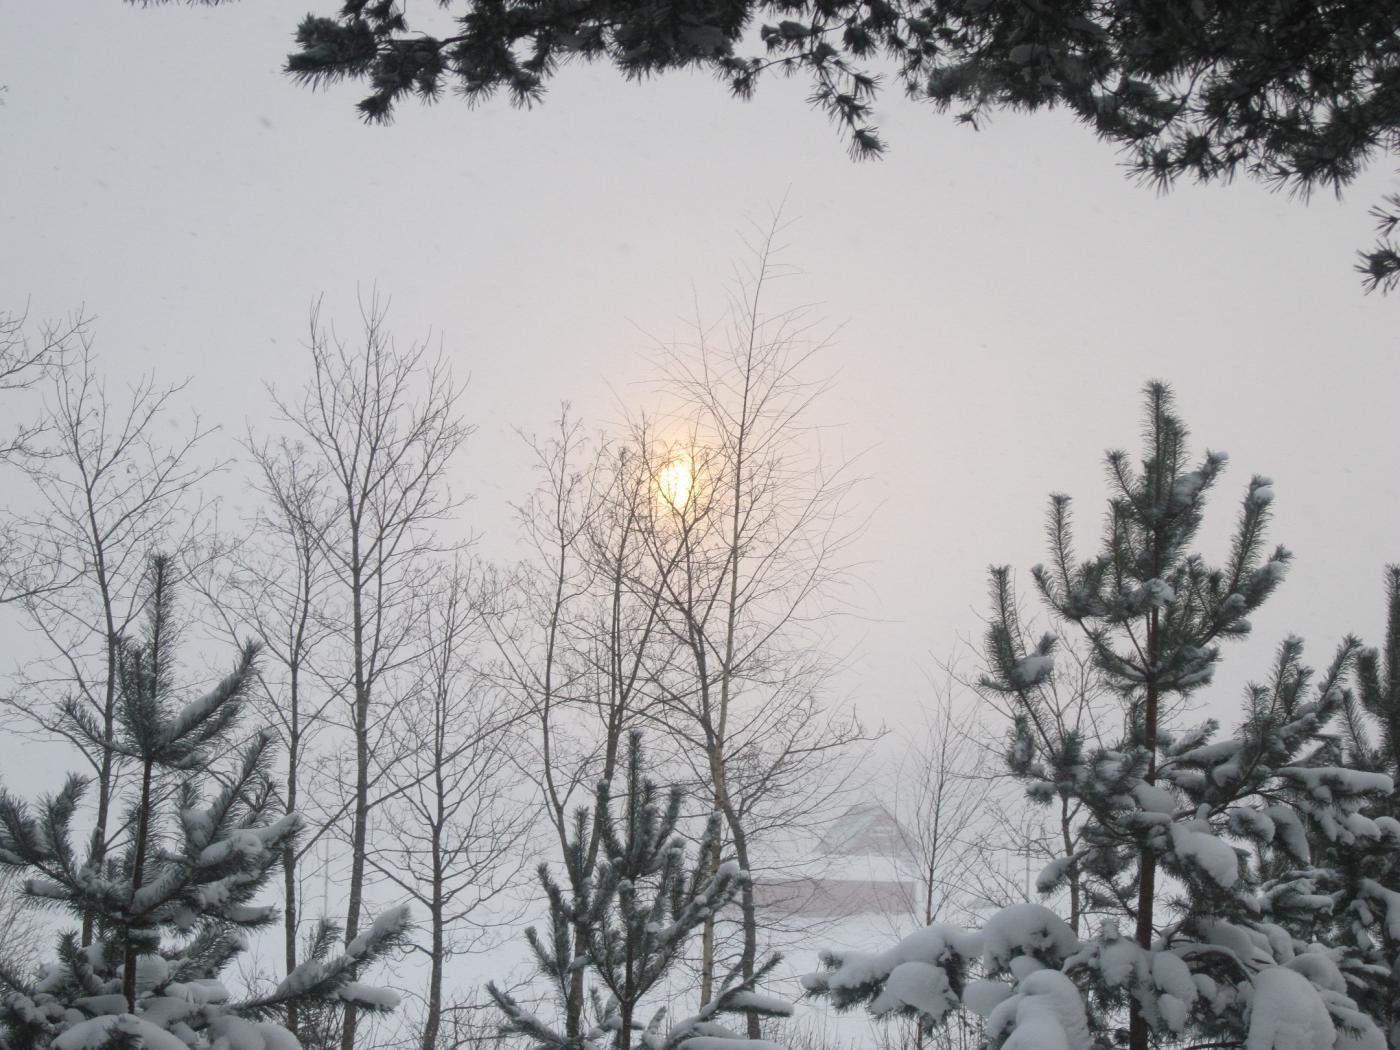 joulukuun_25._2012_010.jpg